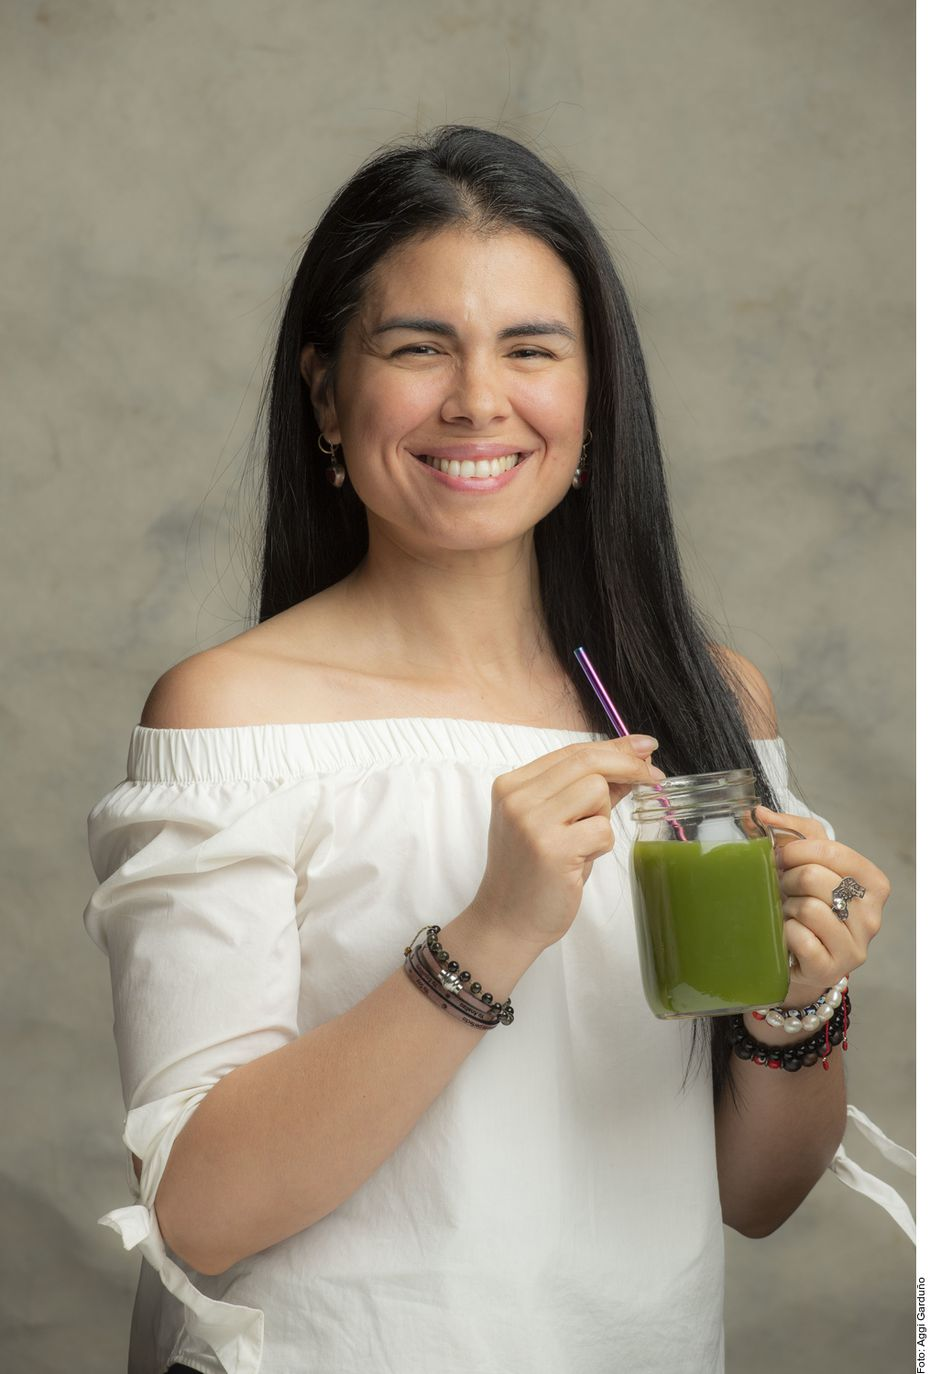 Danielle Romero explica que, al ingerir una alta cantidad de aditivos, químicos y productos refinados, el cuerpo se satura y comienza a acumular grasa y toxinas.